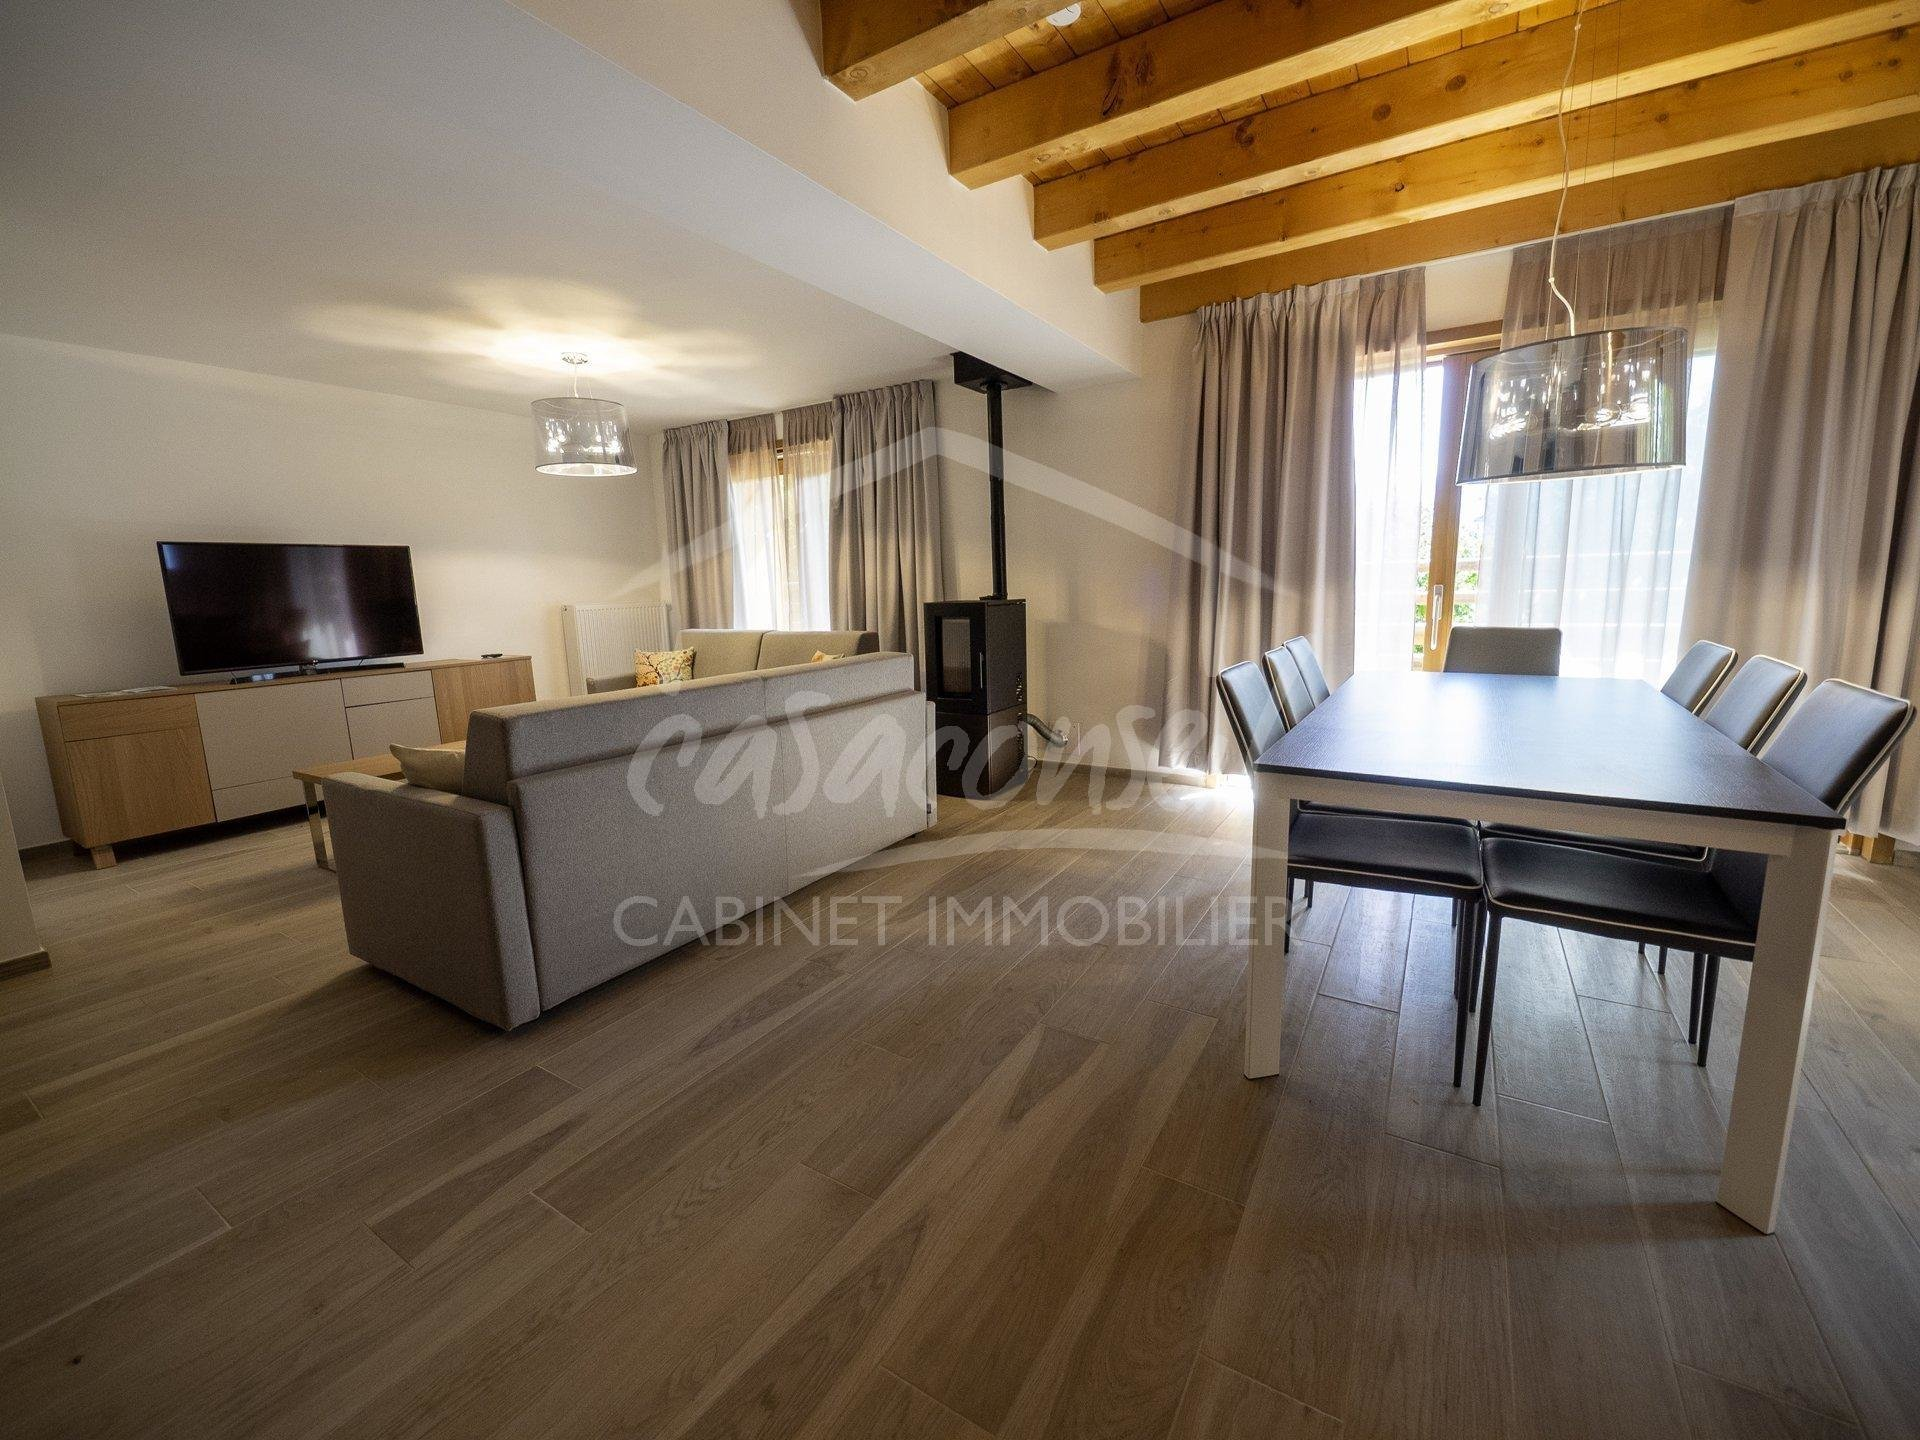 Combloux -  large apartment with views of Mont Blanc